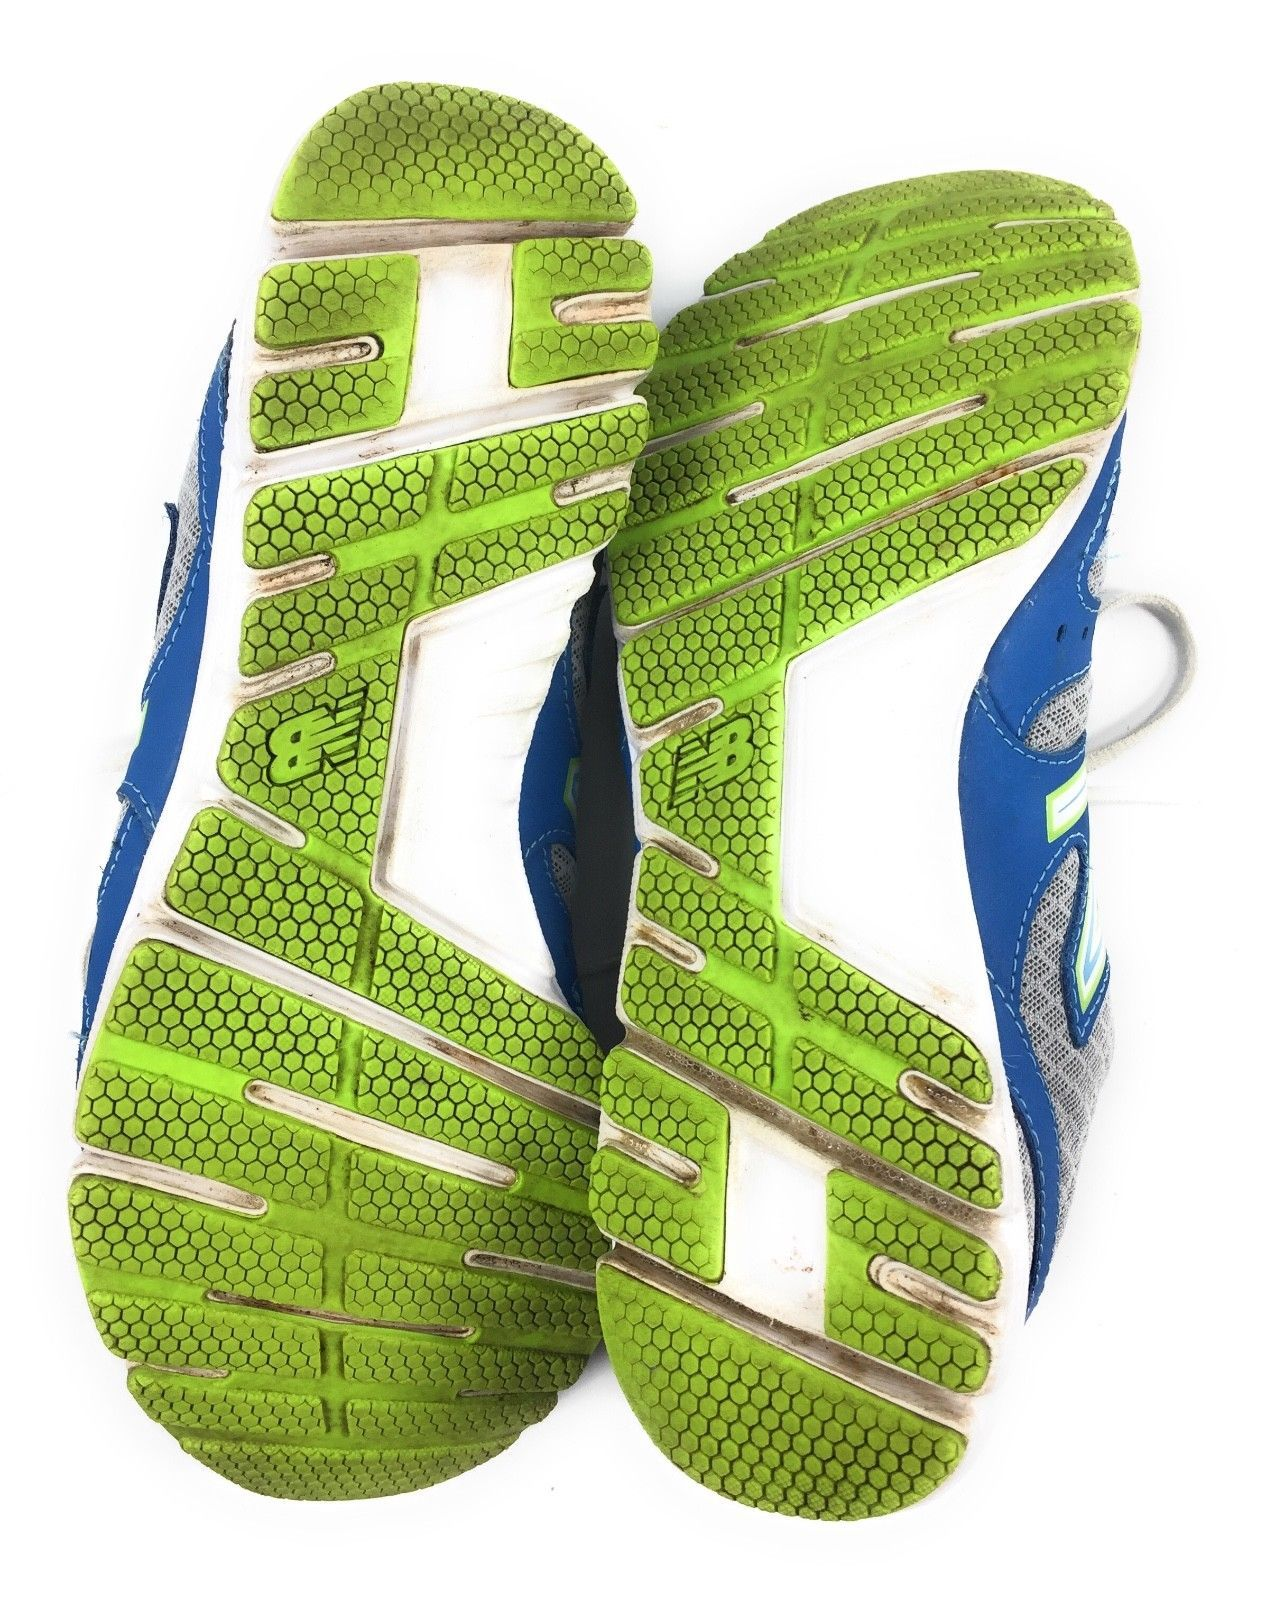 New Balance 550 v3 WE550BG3 Blue Lime Green Running Shoes Women's 9.5 B image 7